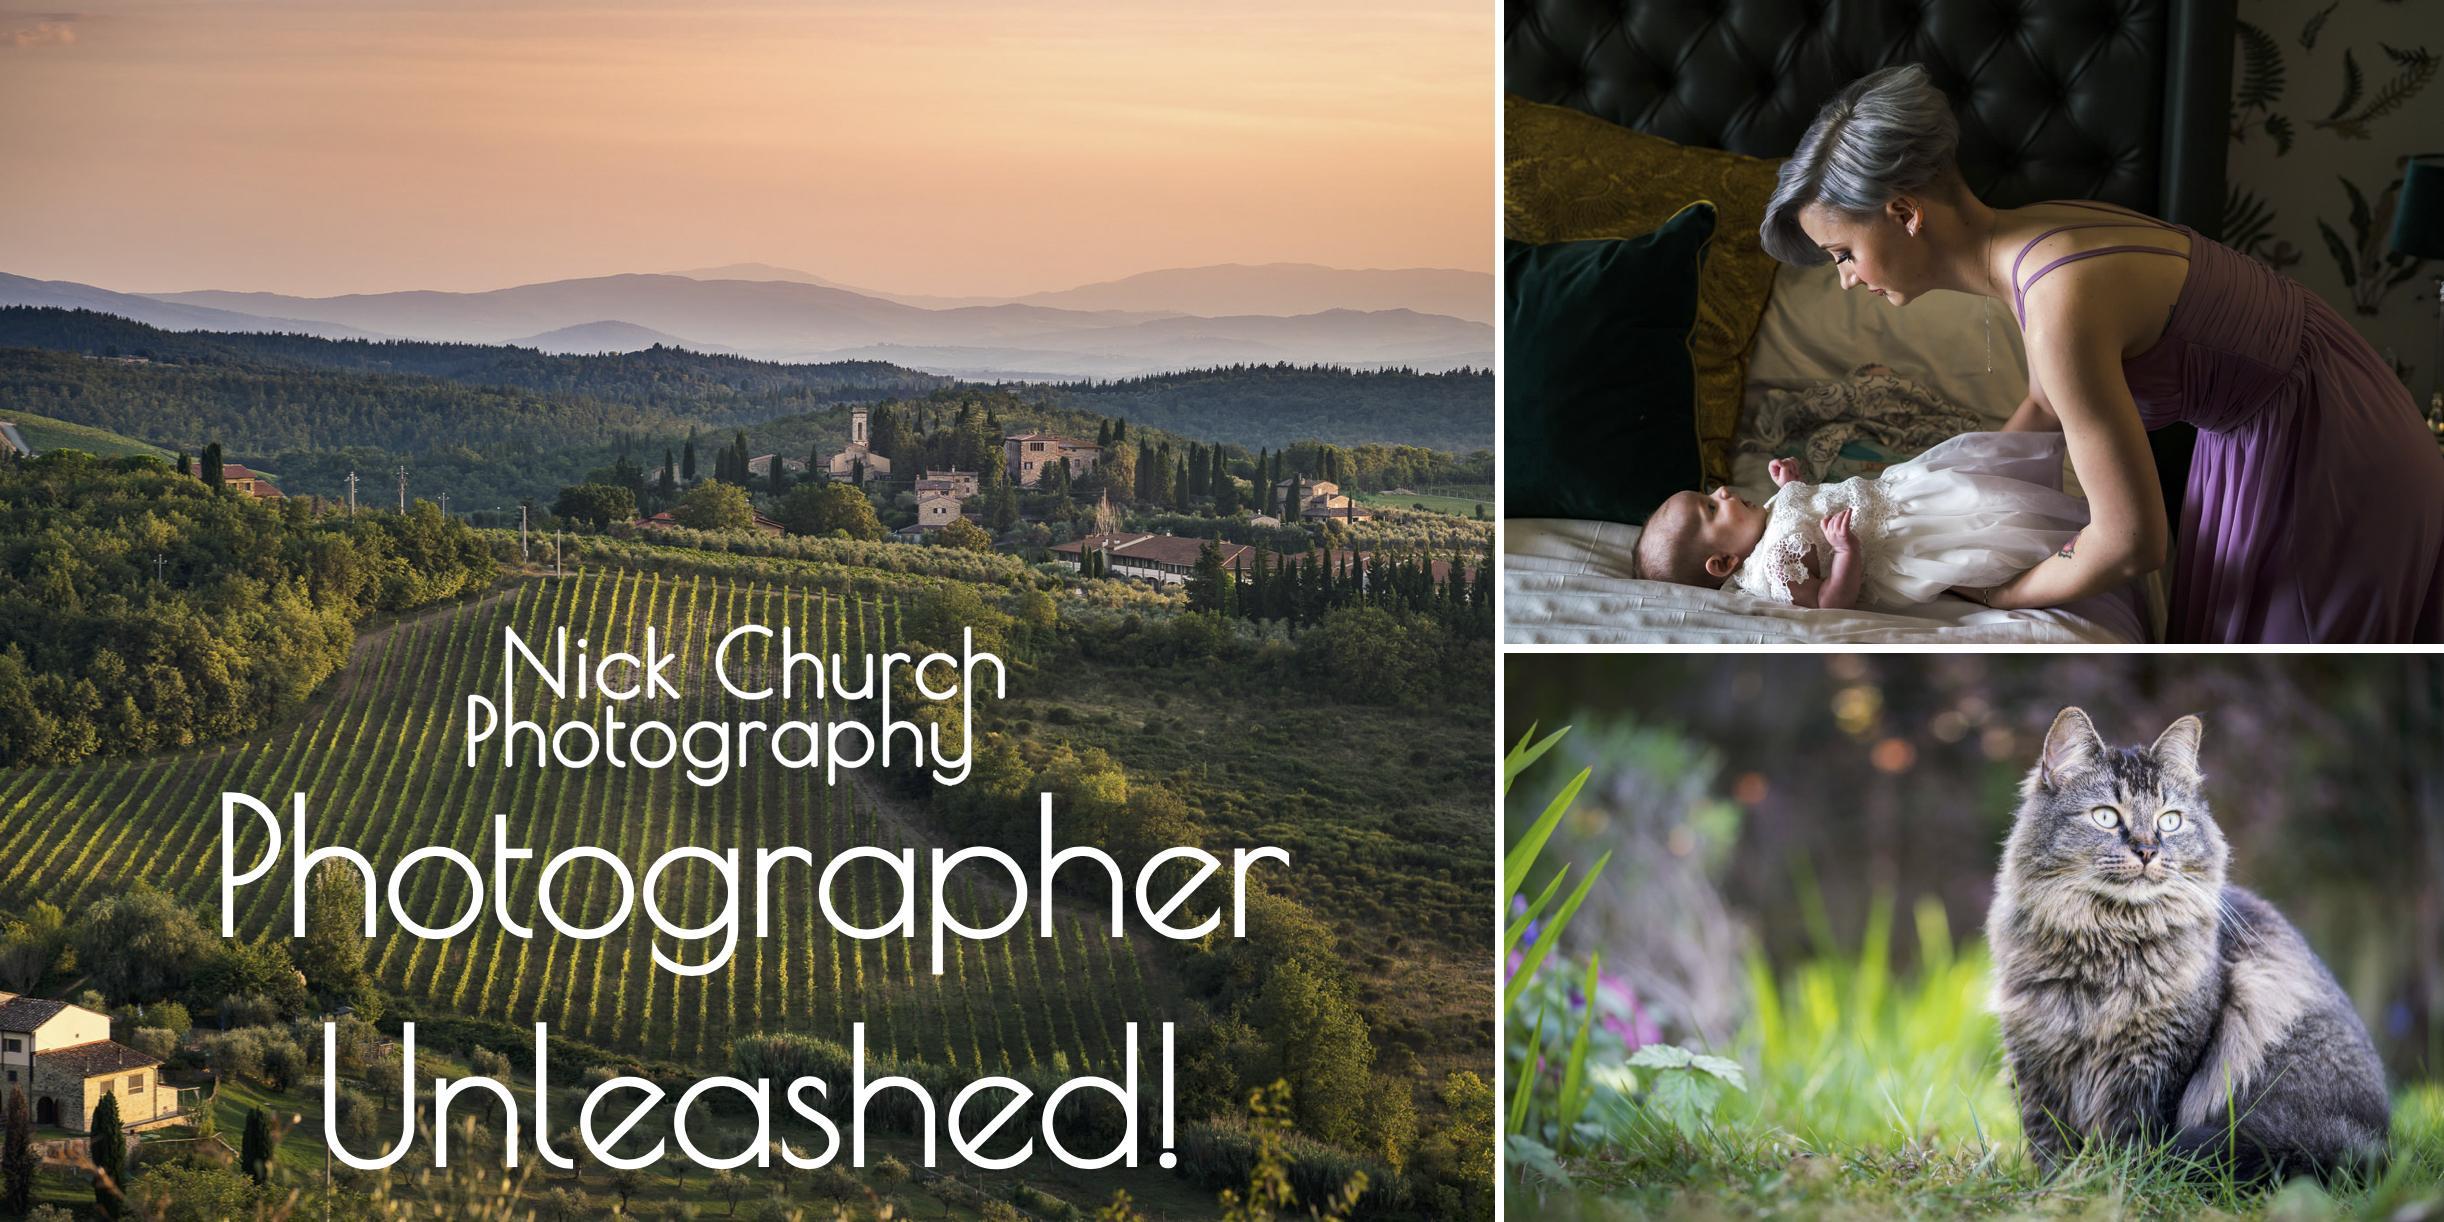 Photographer Unleashed!